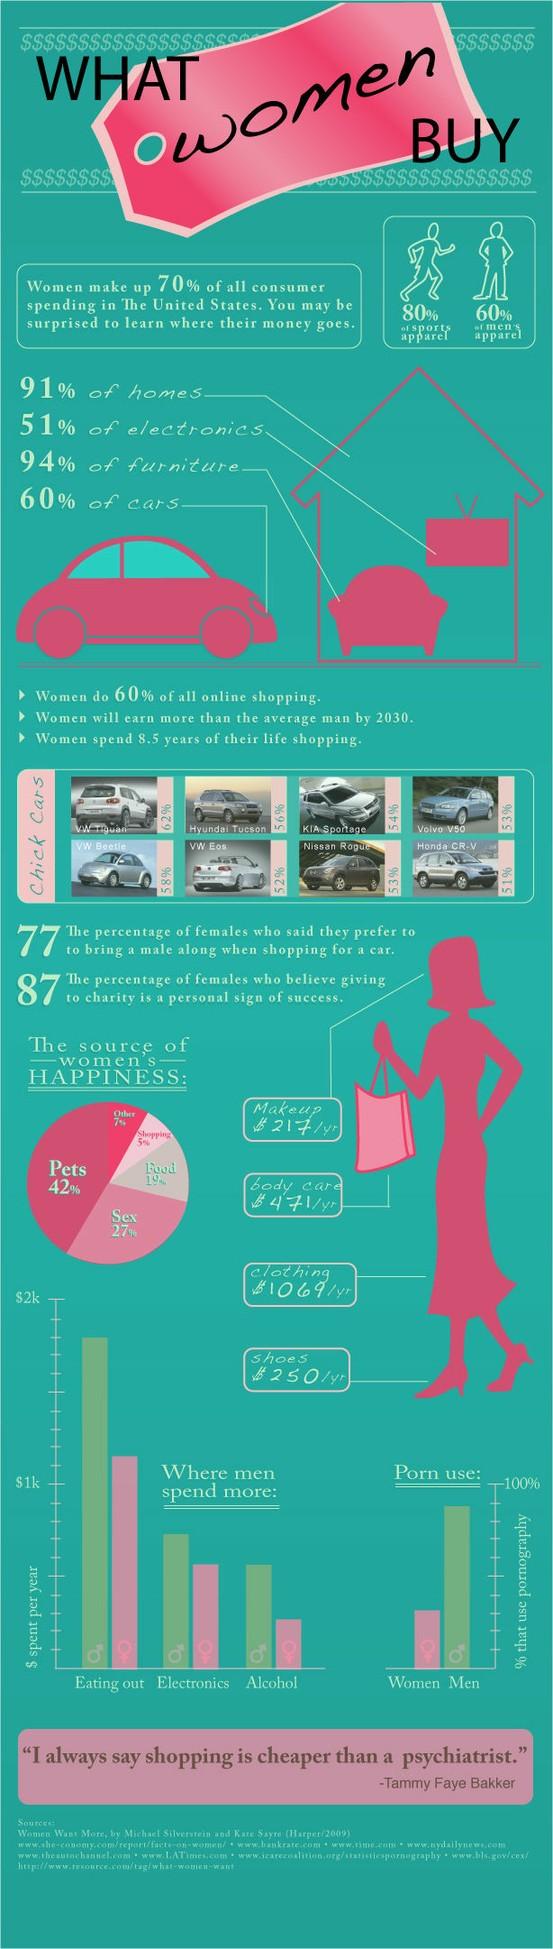 Shopping Habits of Women